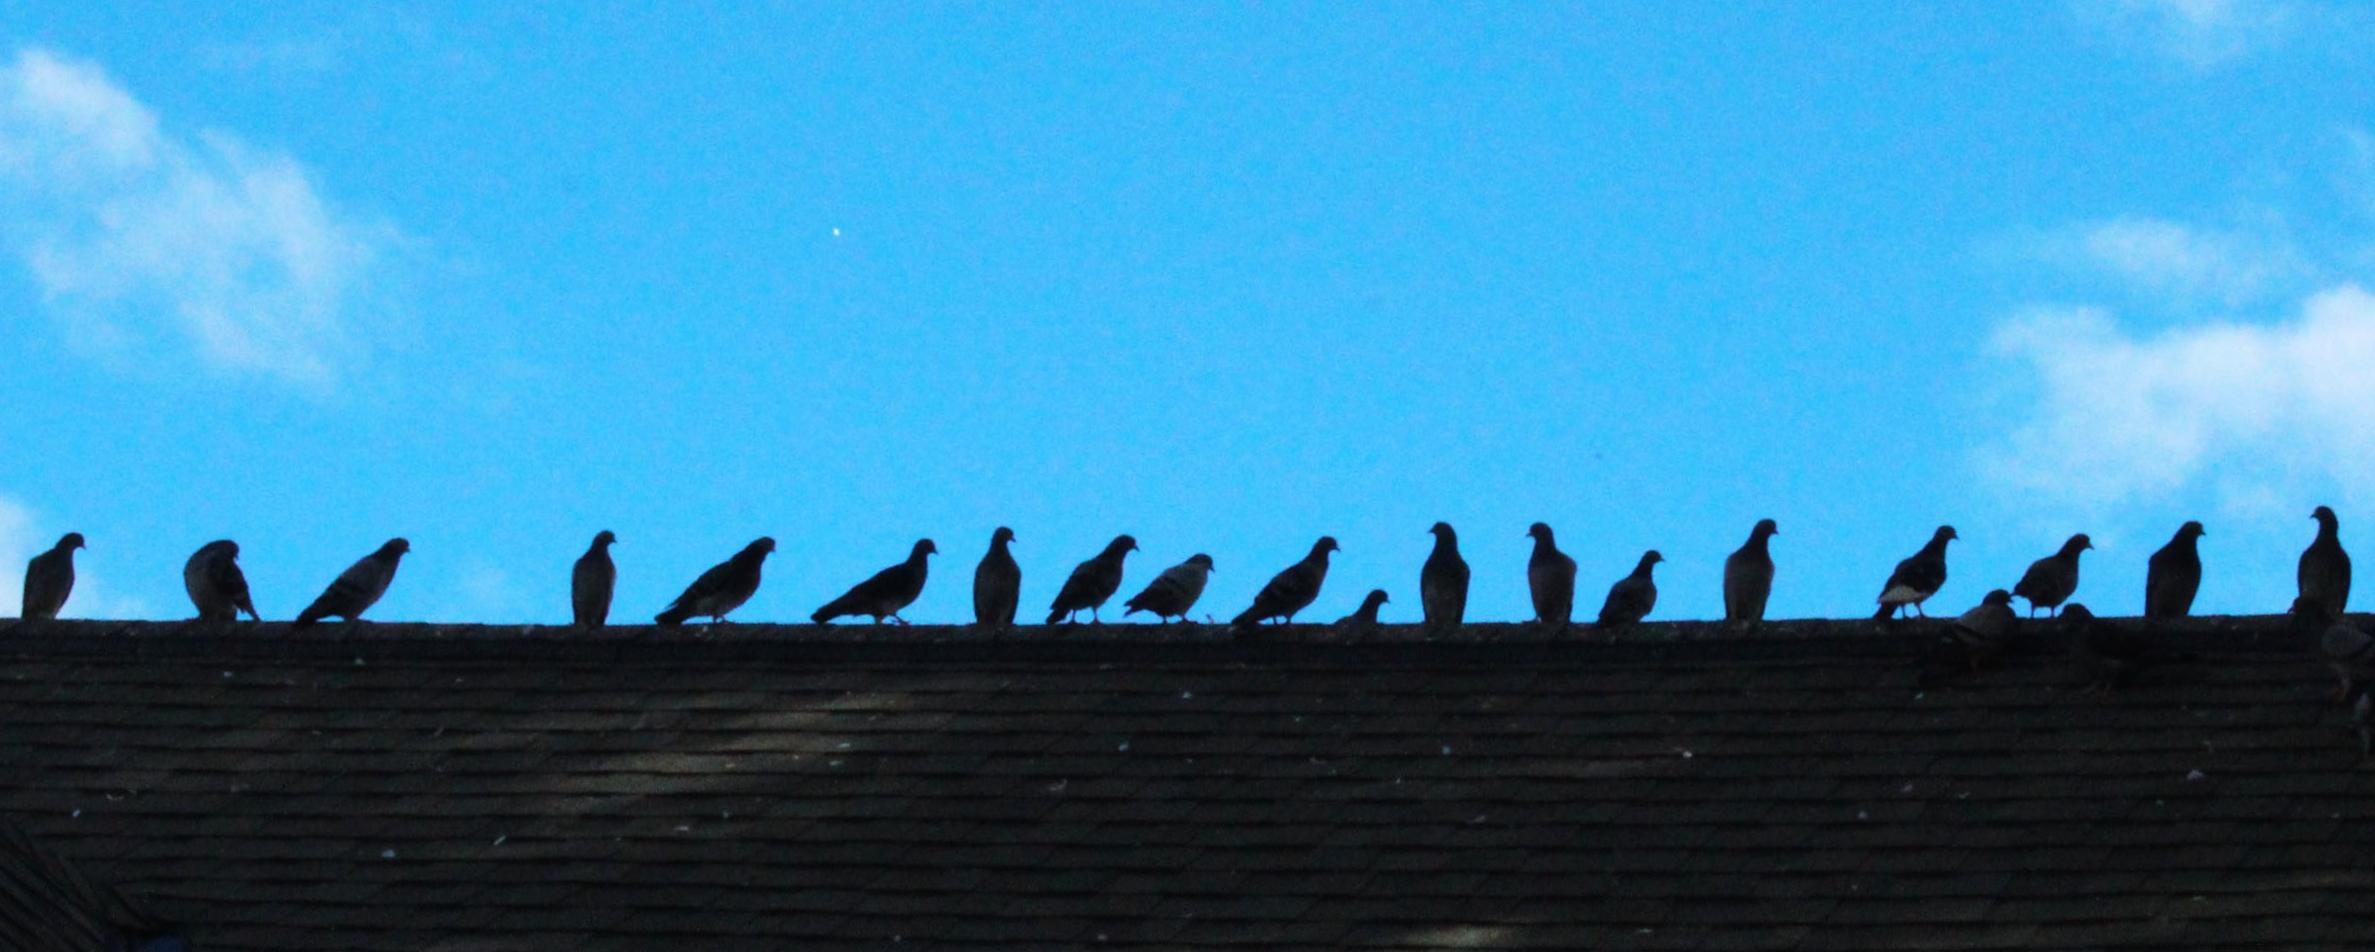 bird bancroft.jpg